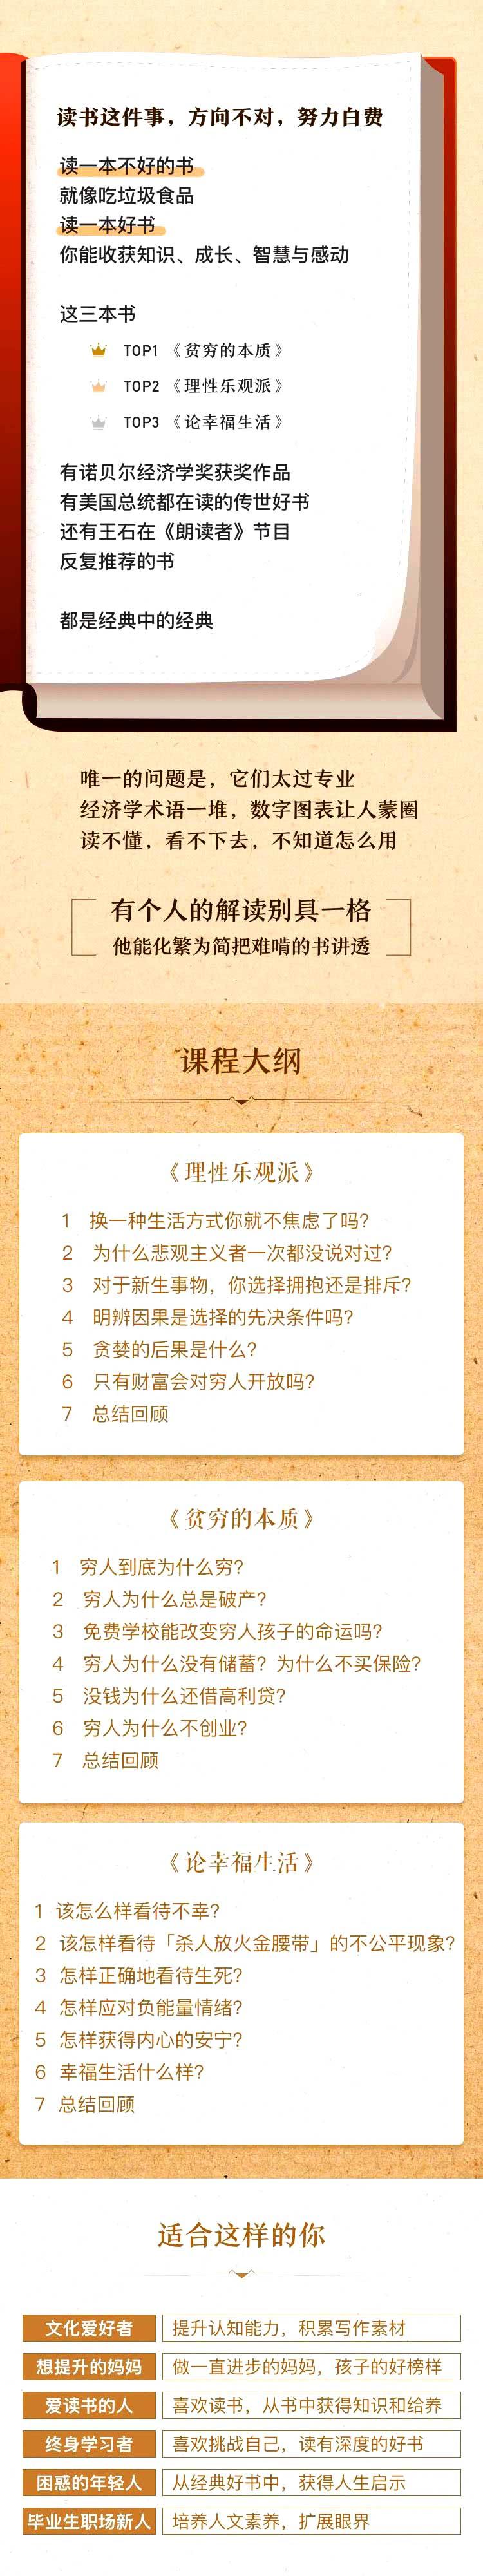 李源·21天精读3本书,帮你提升智慧与财商插图